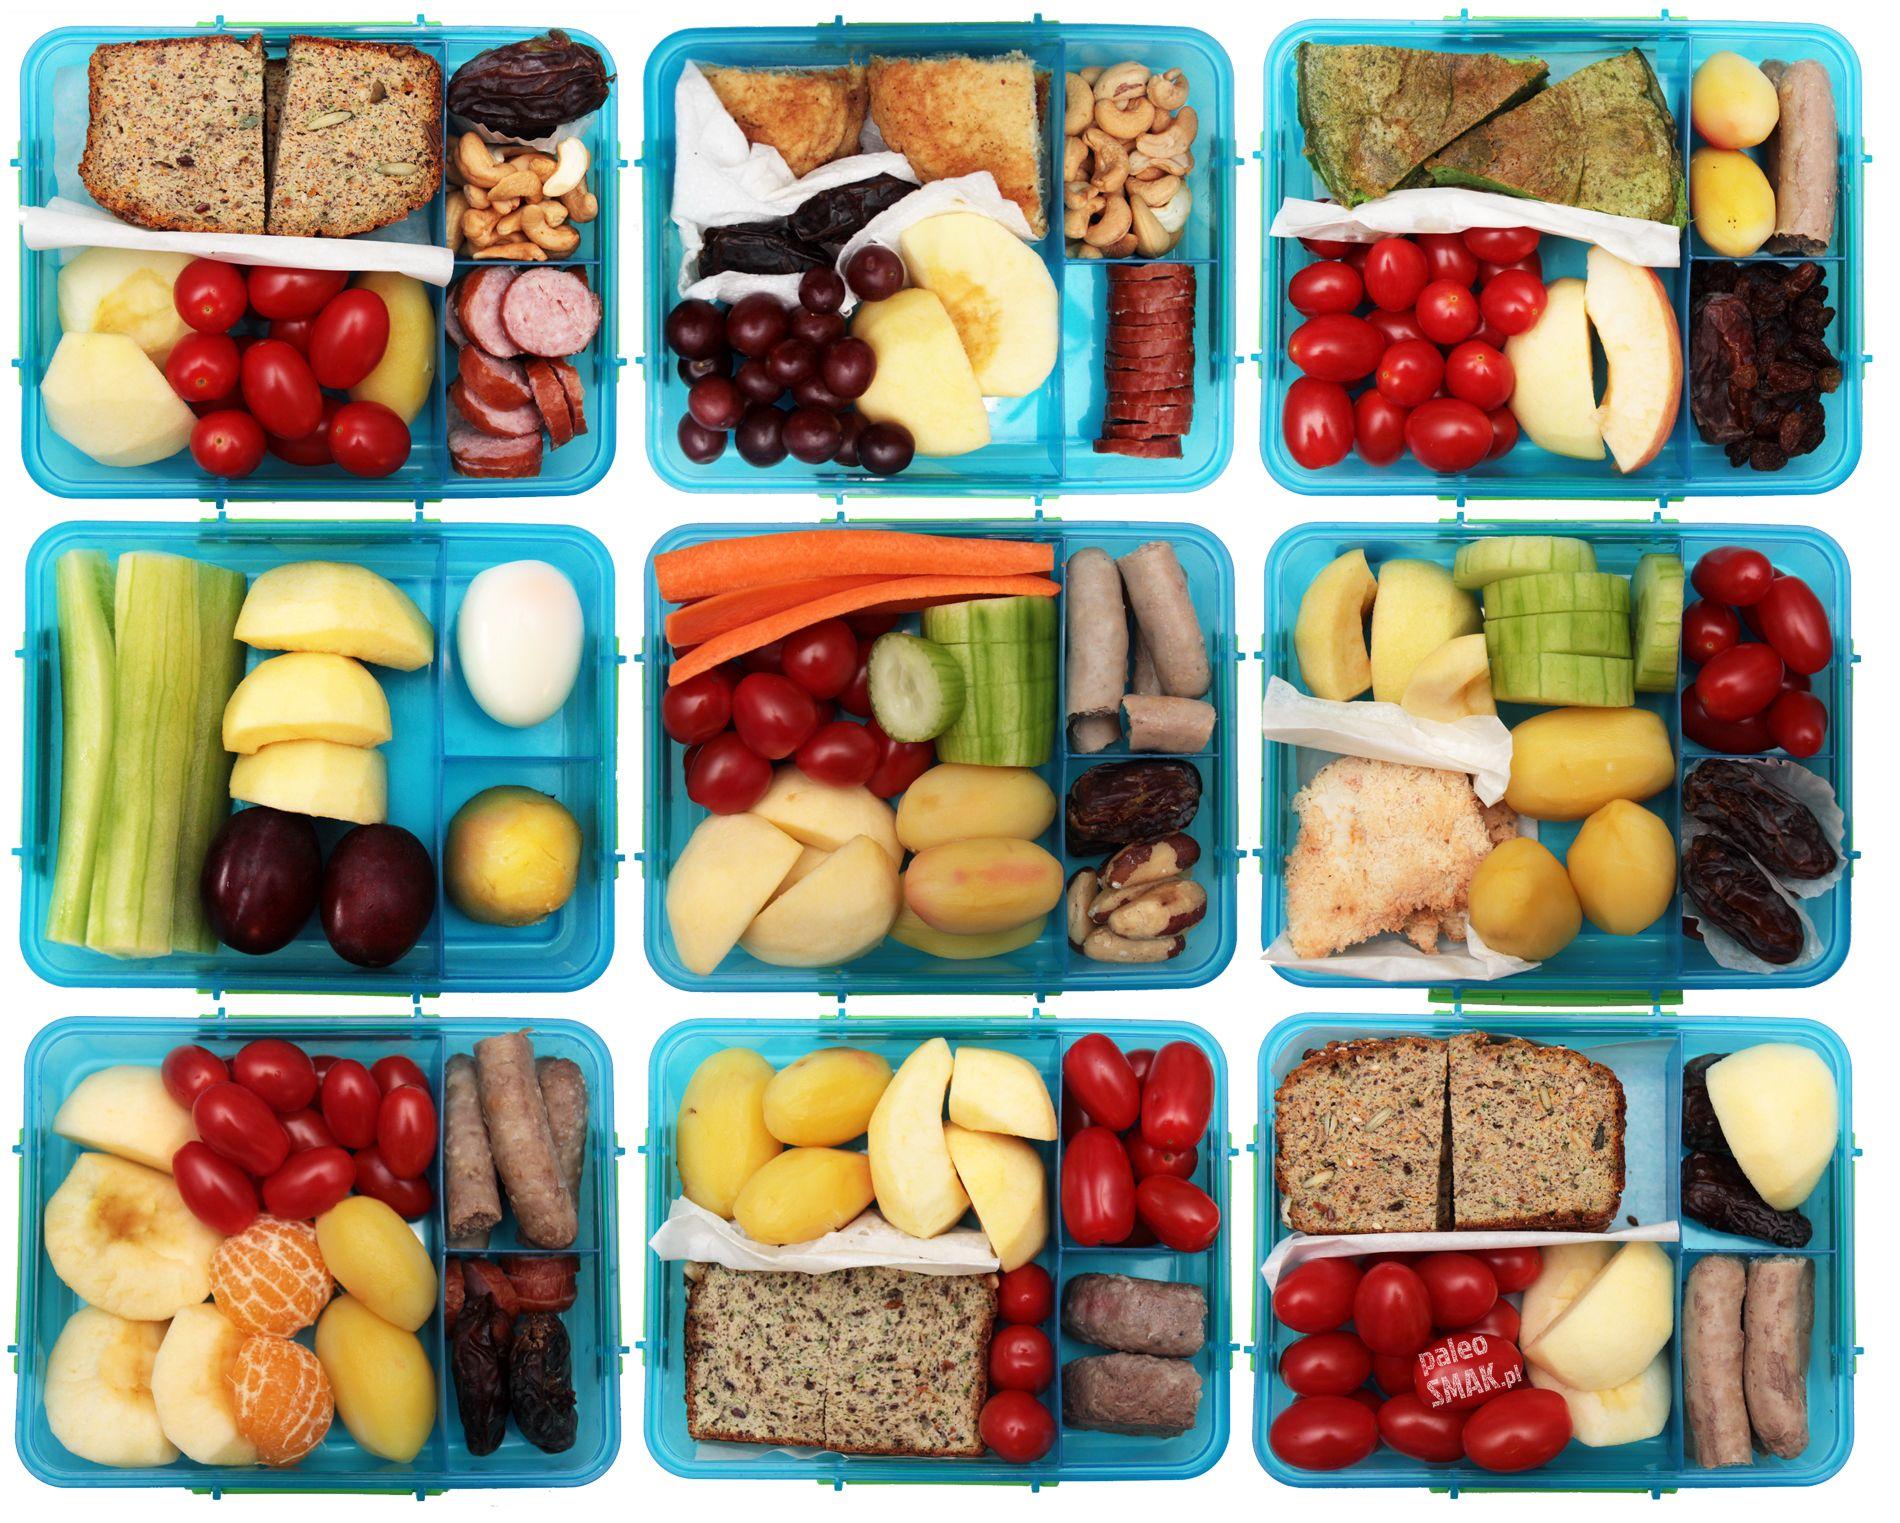 Dla Wielu Rodzin Probujacych Zrezygnowac Z Chleba Najtrudniejsze Wydaje Sie To Co Dac Dzieciom Jako Drugie Sniadanie Do Szkol Health Food Healthy Recipes Food